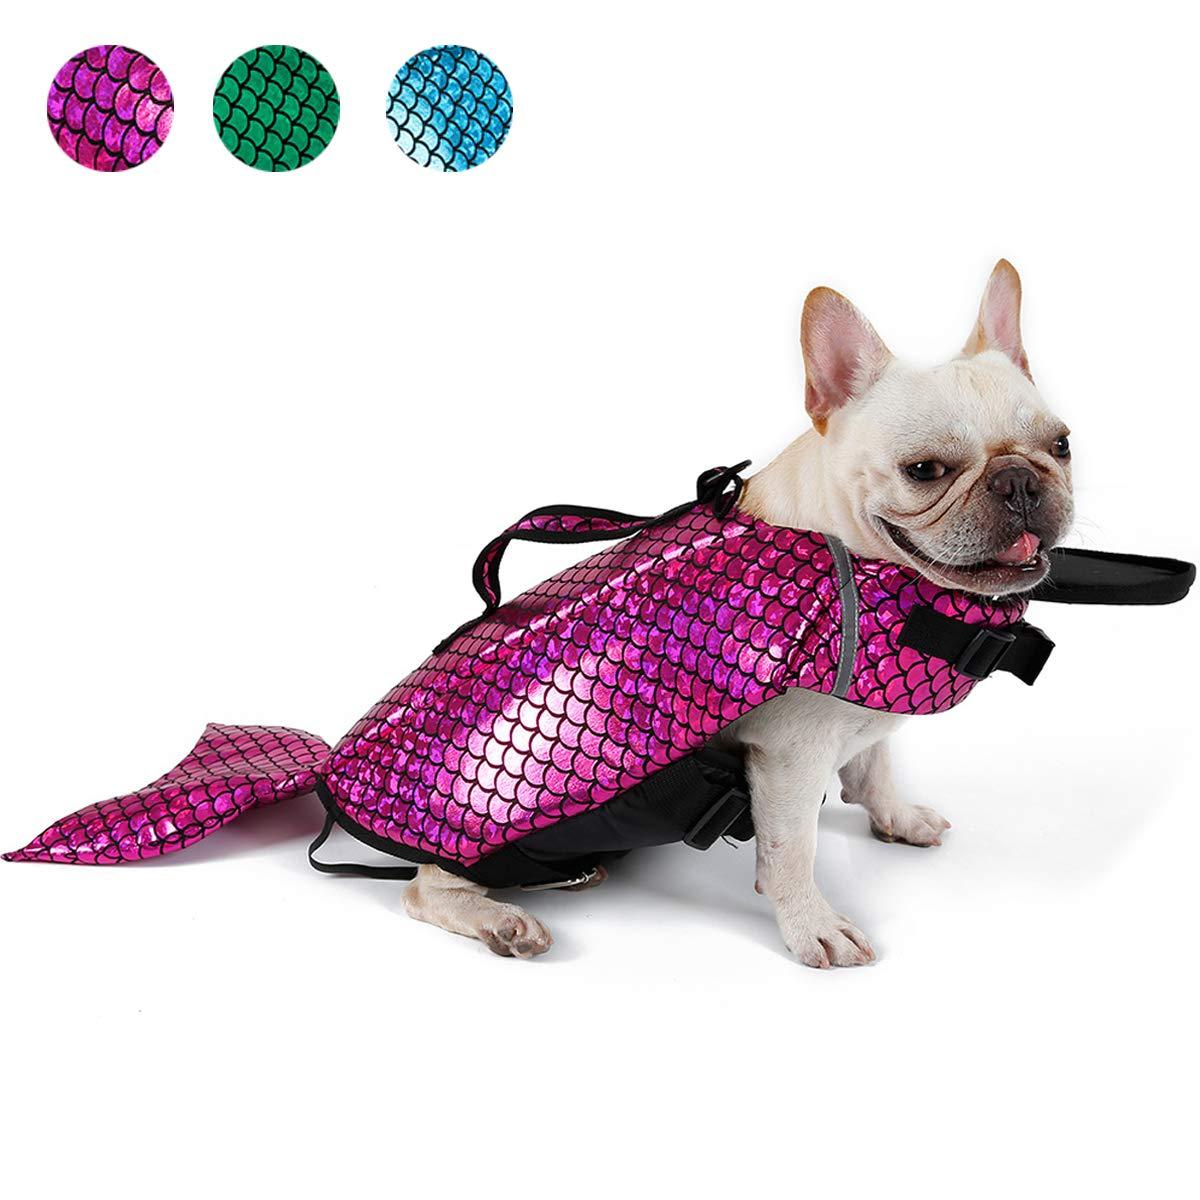 CONTACTS Dog Swimming Jacket, Reflective Dog Life Jacket Vest Swimwear, Adjustable Dog Float Coat, Pink, Extra-Large